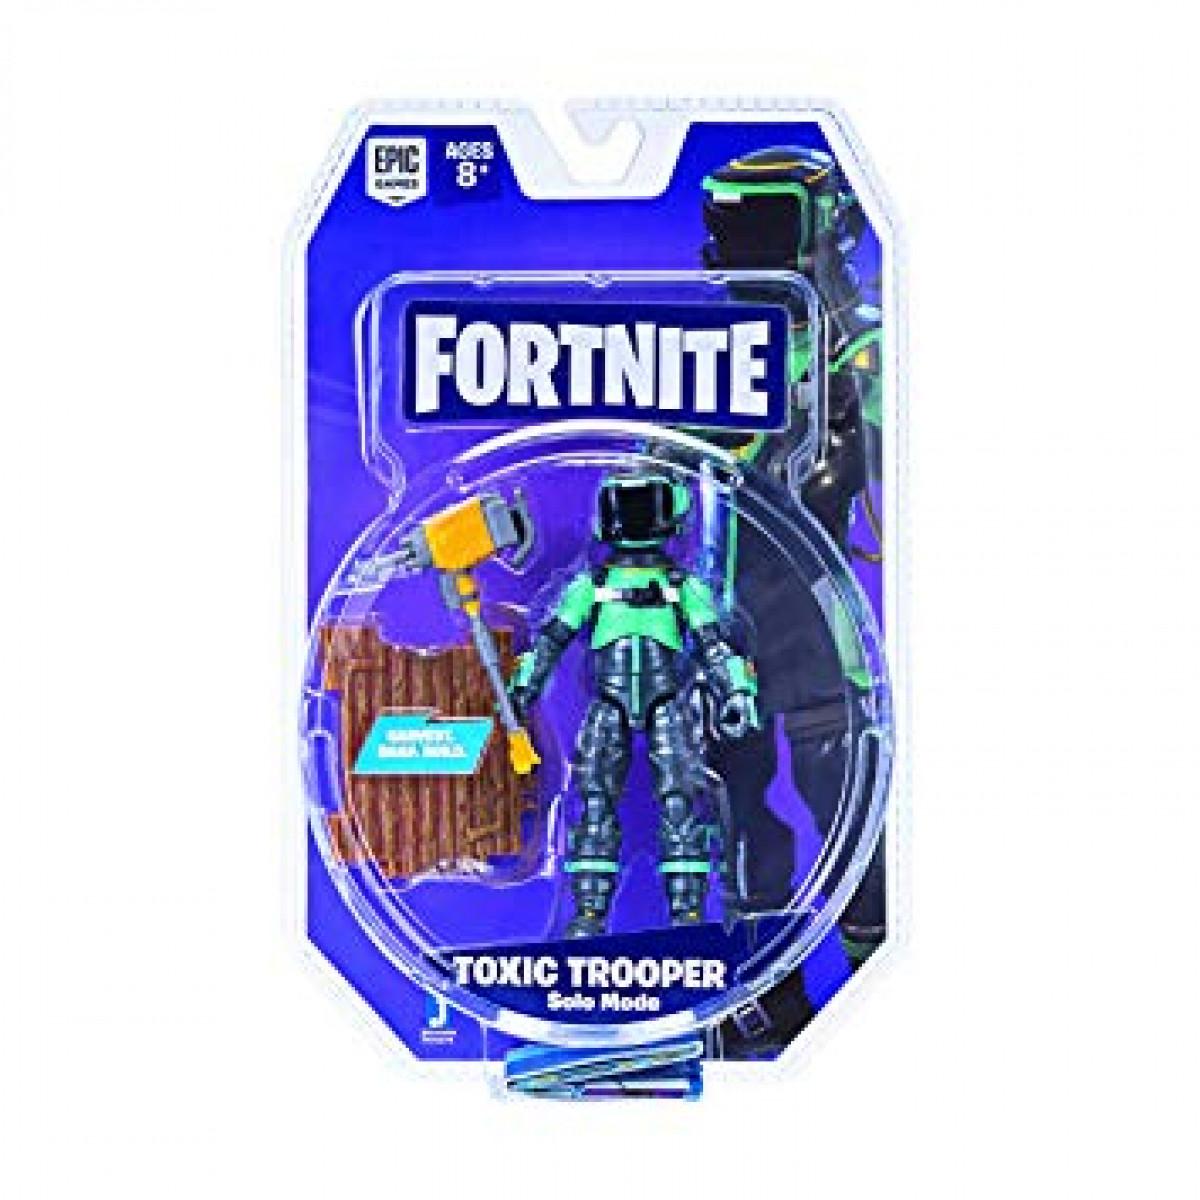 Fortnite Szóló mód Toxic Trooper figura 10 cm